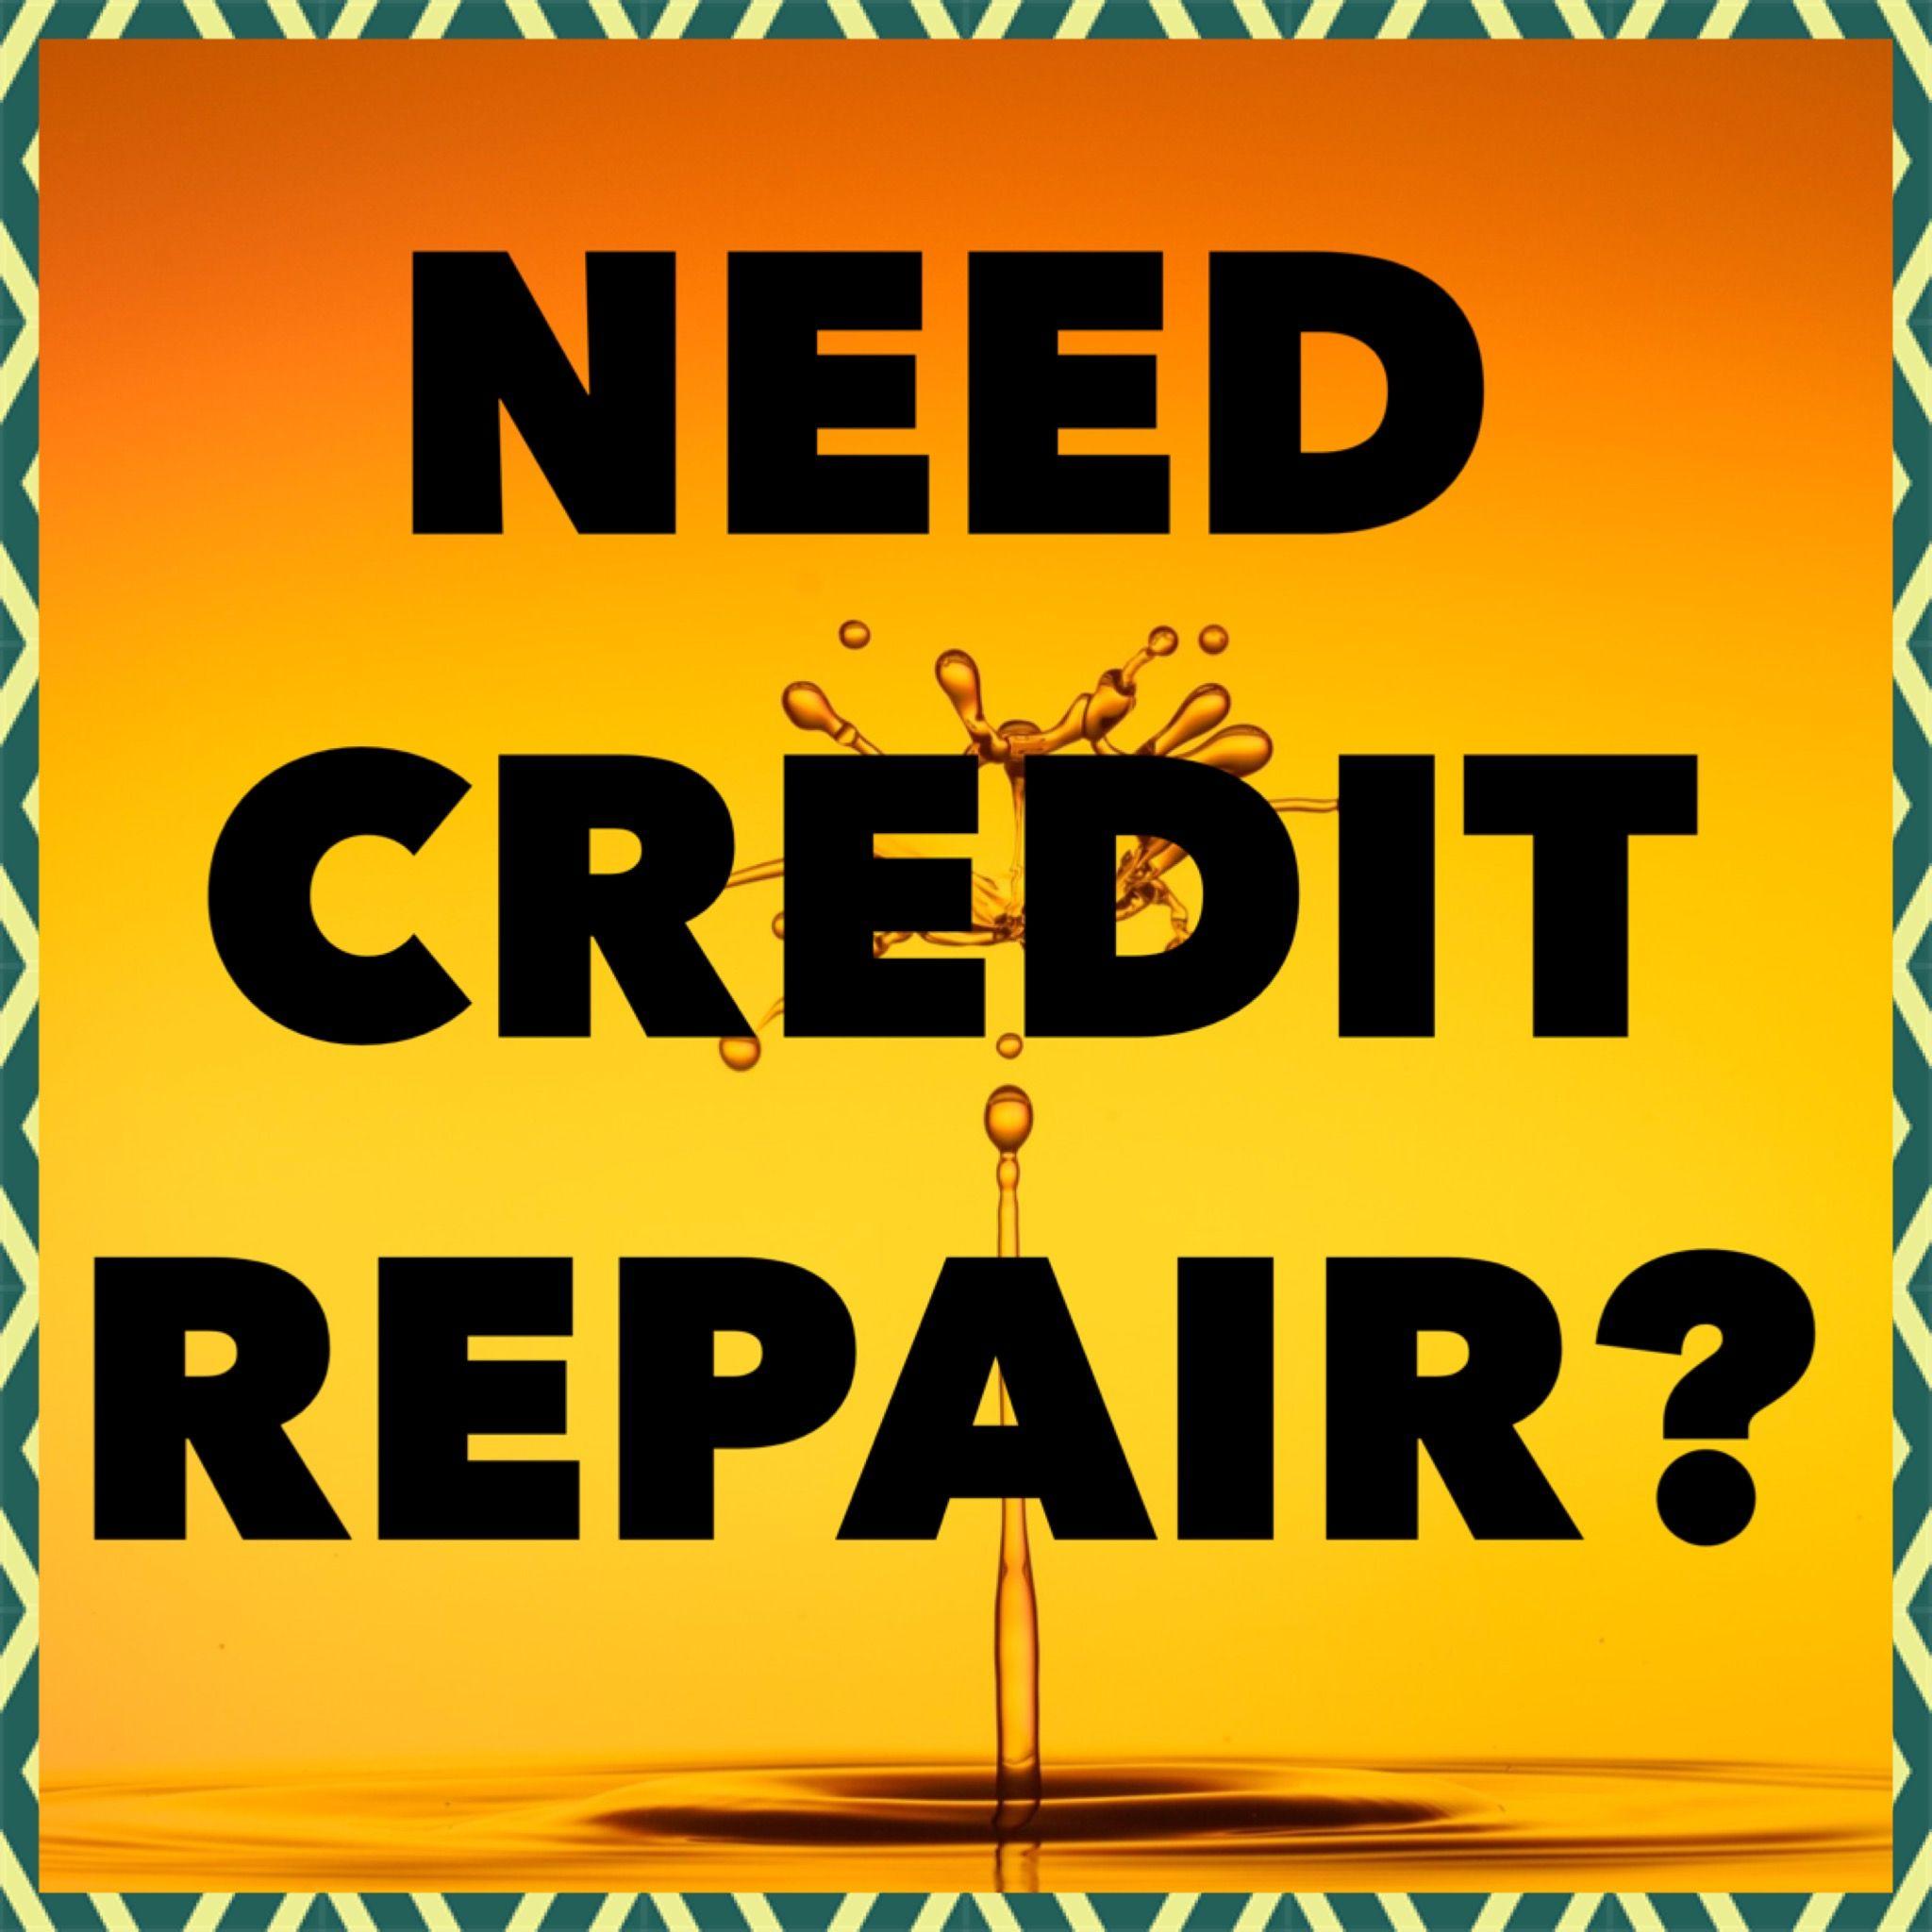 Bad credit low fico score need credit repair our credit